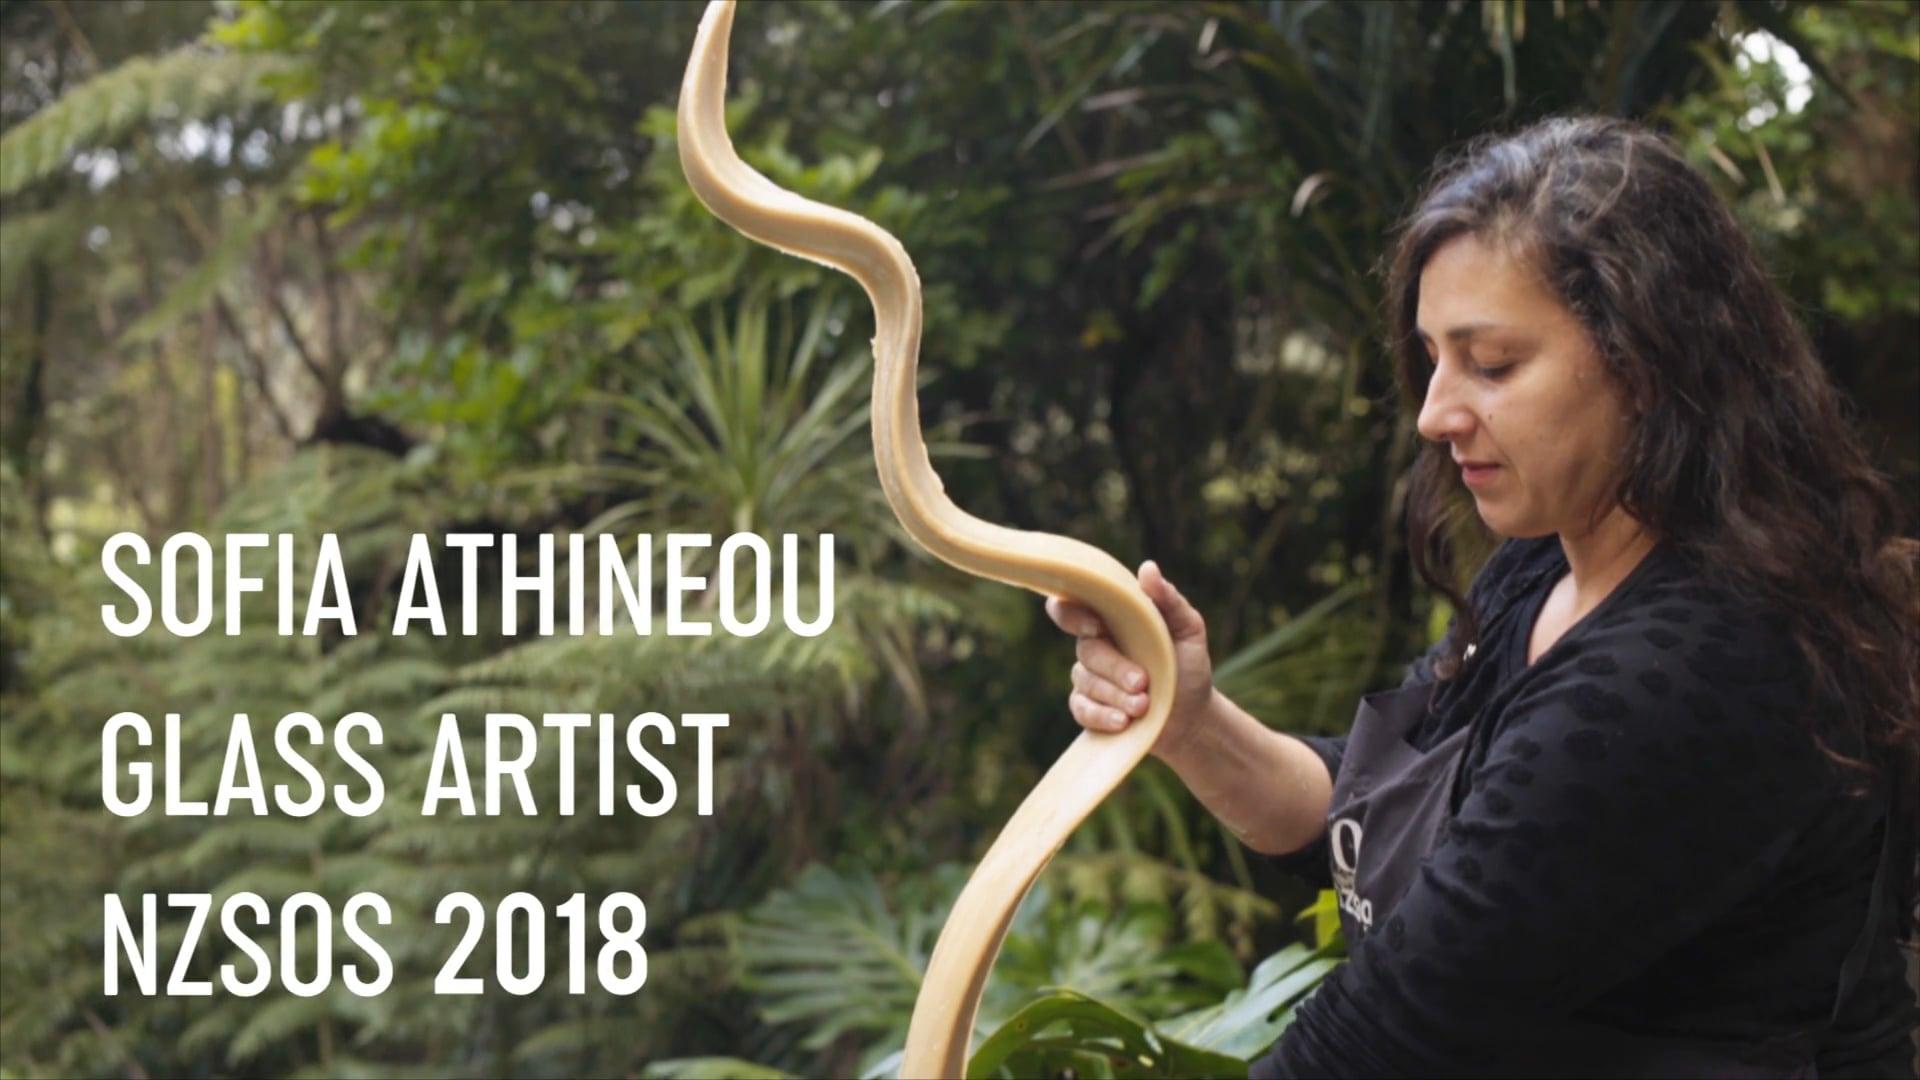 Introducing Sofia Athineou